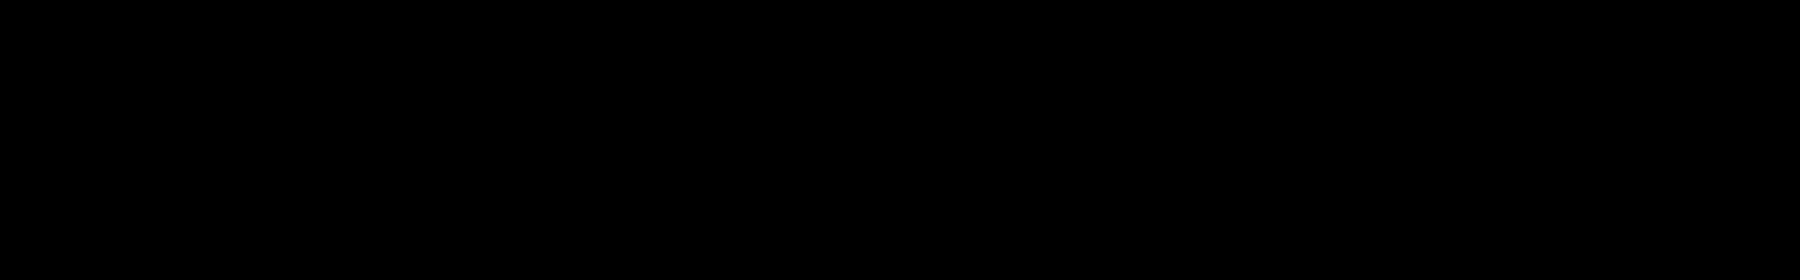 Inmagine EDM Acapellas audio waveform